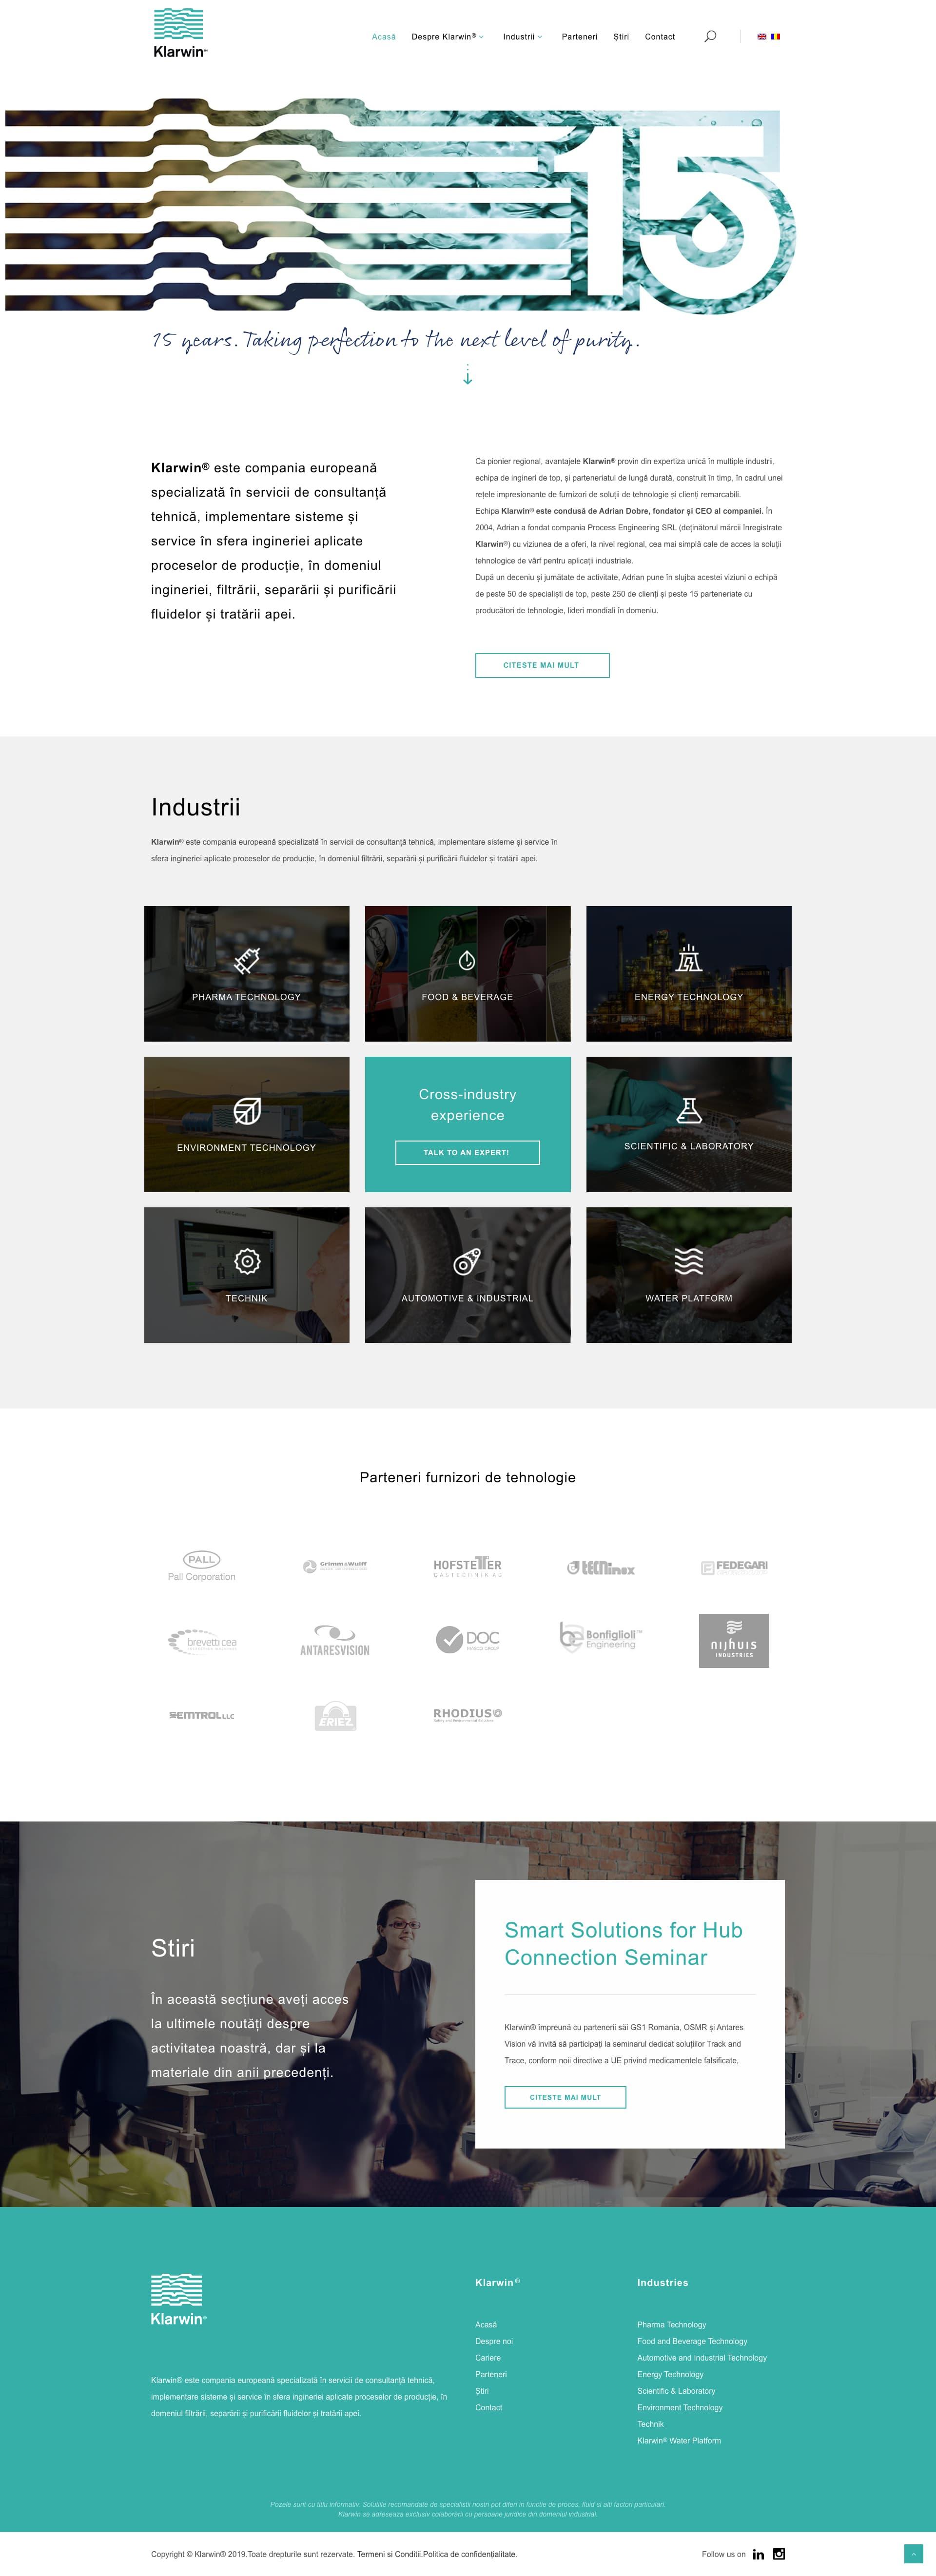 klarwin-homepage